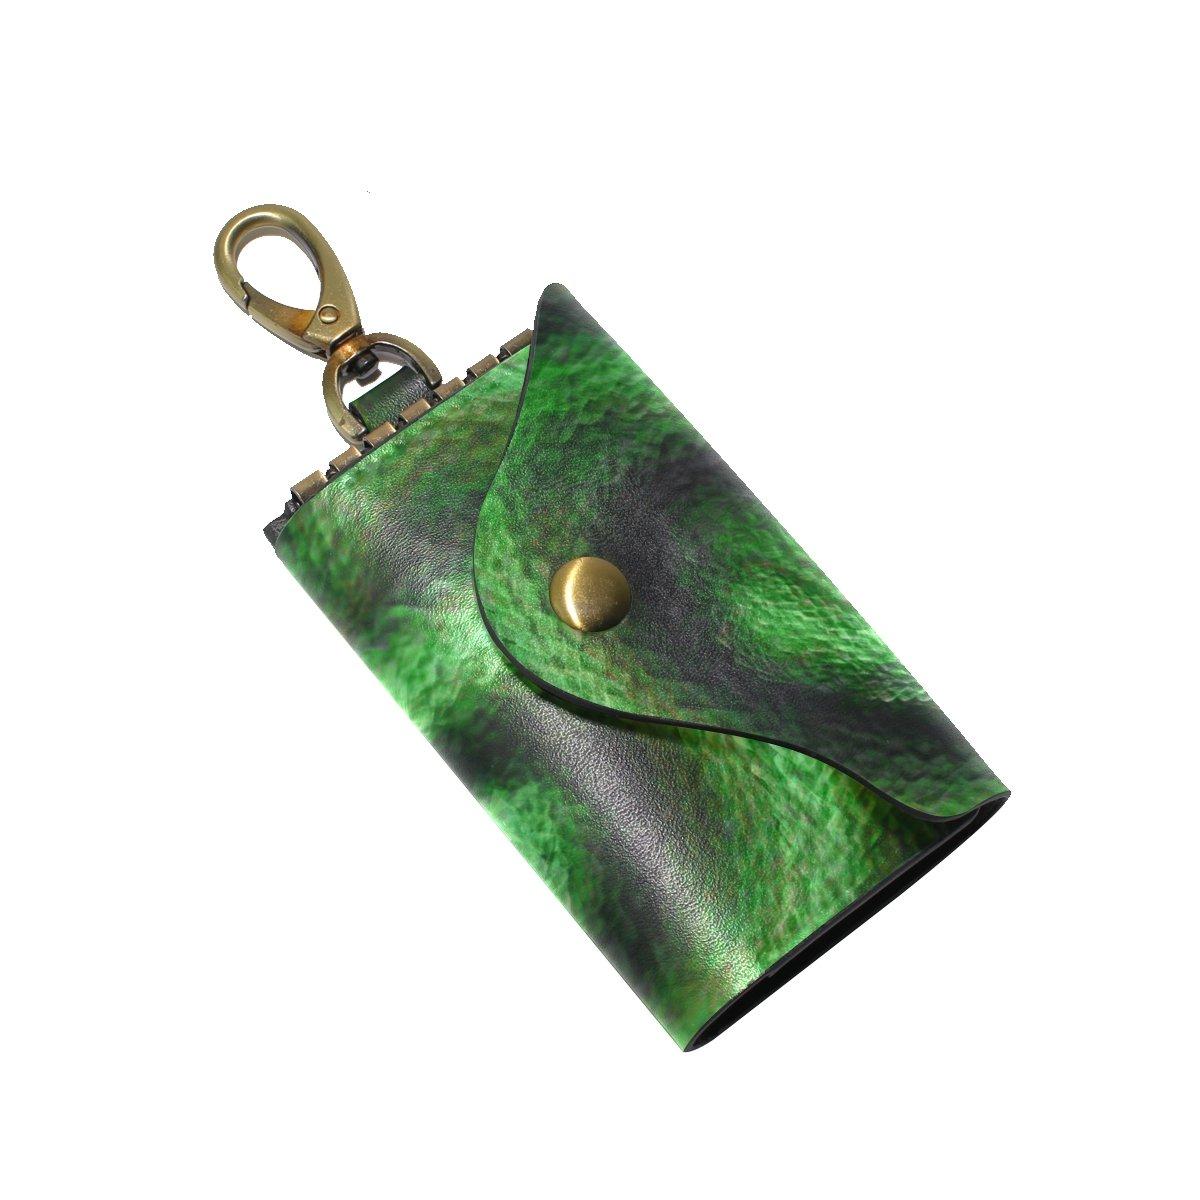 DEYYA Snake Leather Key Case Wallets Unisex Keychain Key Holder with 6 Hooks Snap Closure